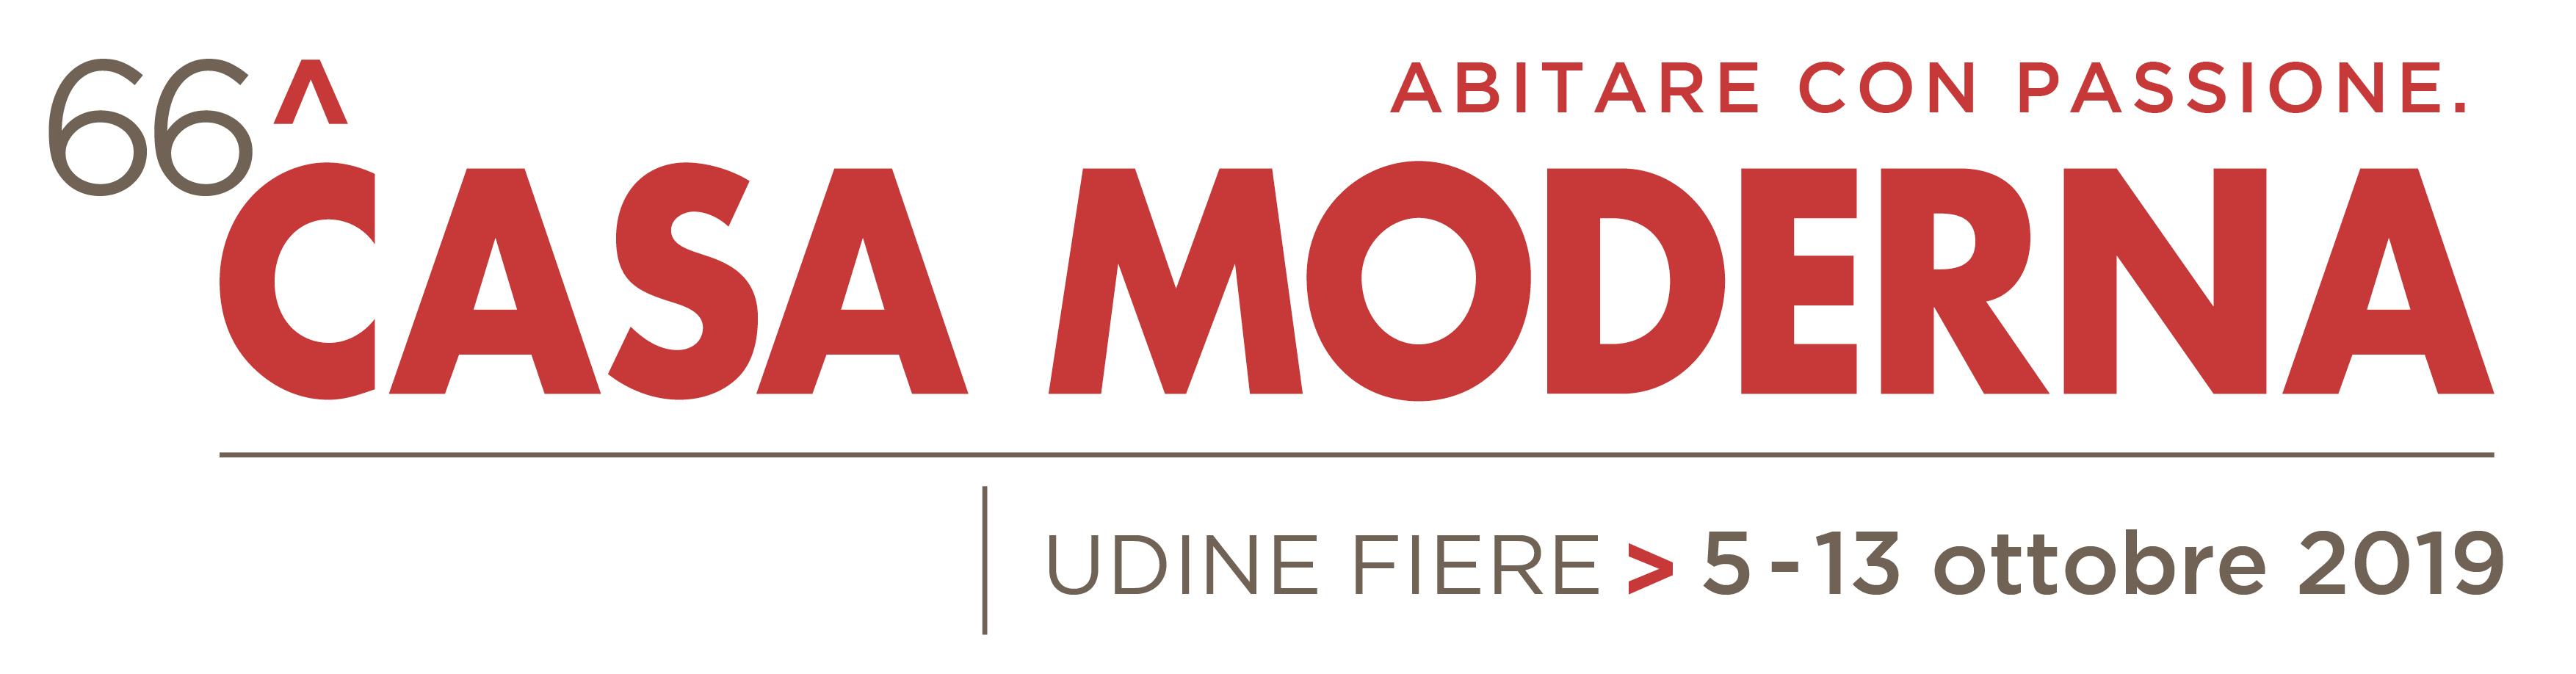 Udine Fiera Della Casa Moderna.Edizione 2019 Casamoderna